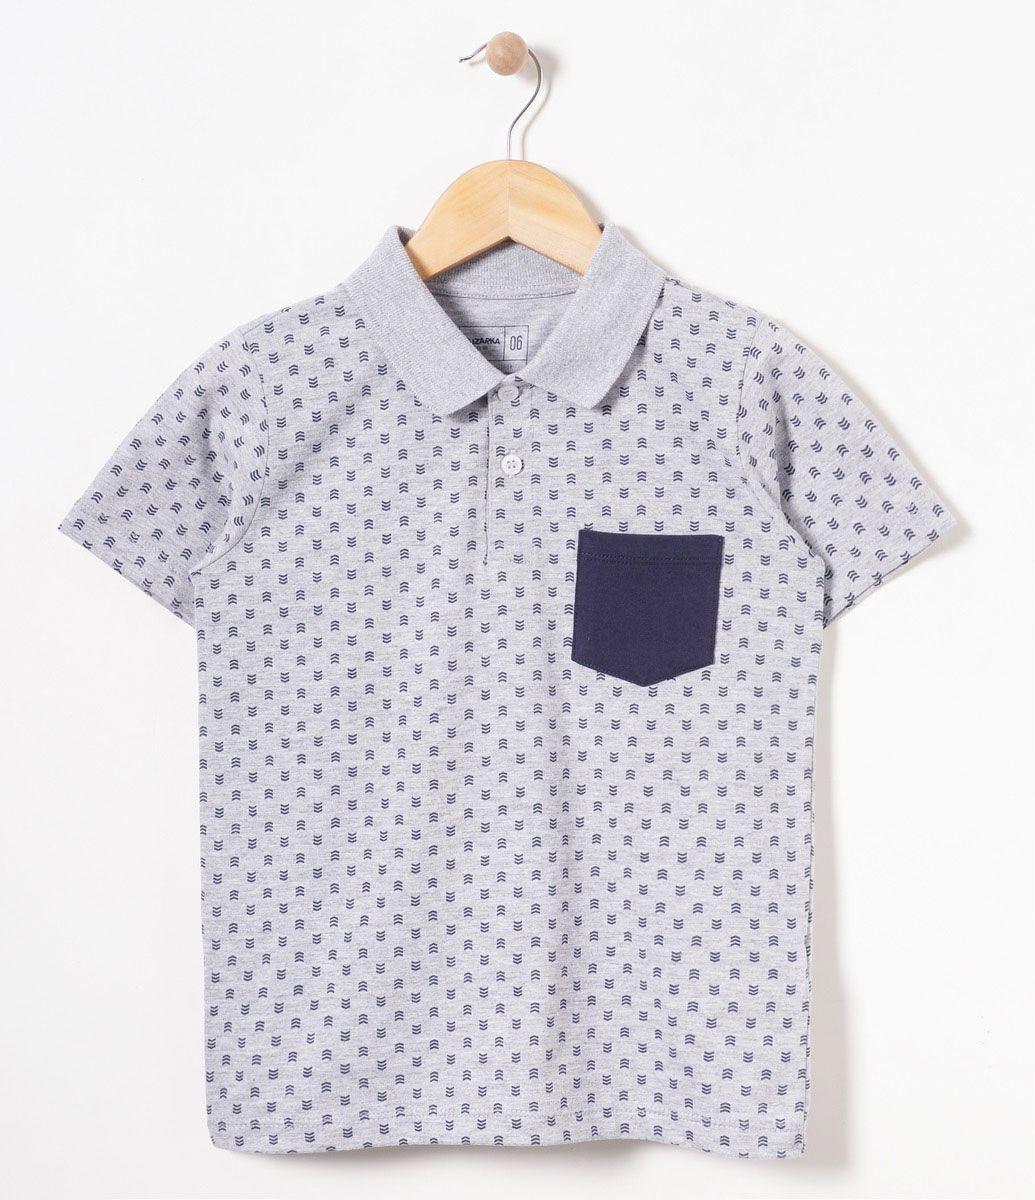 2681b6775a Camiseta infantil Manga longa Gola polo Estampada Marca  Fuzarka Tecido   meia malha COLEÇÃO INVERNO